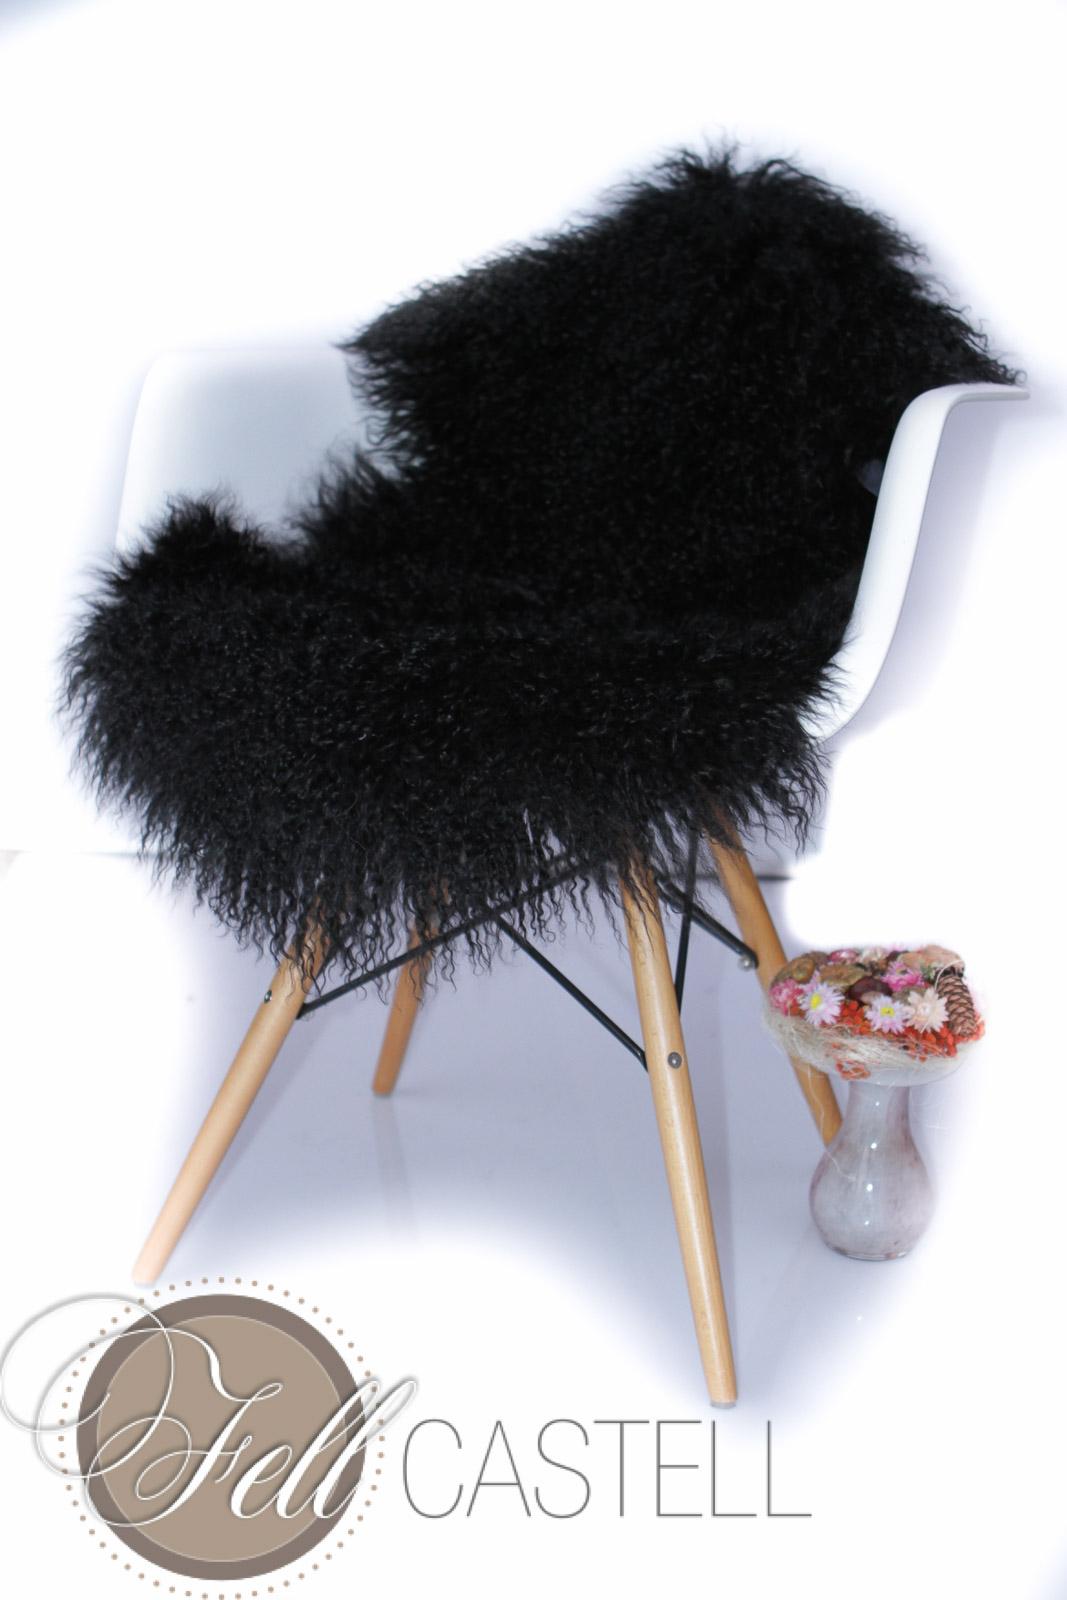 tibet lammfell schwarz tibetlammfell tibetlamm fein gelockt 100 x 50 cm 100 x 50 cm lammfell. Black Bedroom Furniture Sets. Home Design Ideas